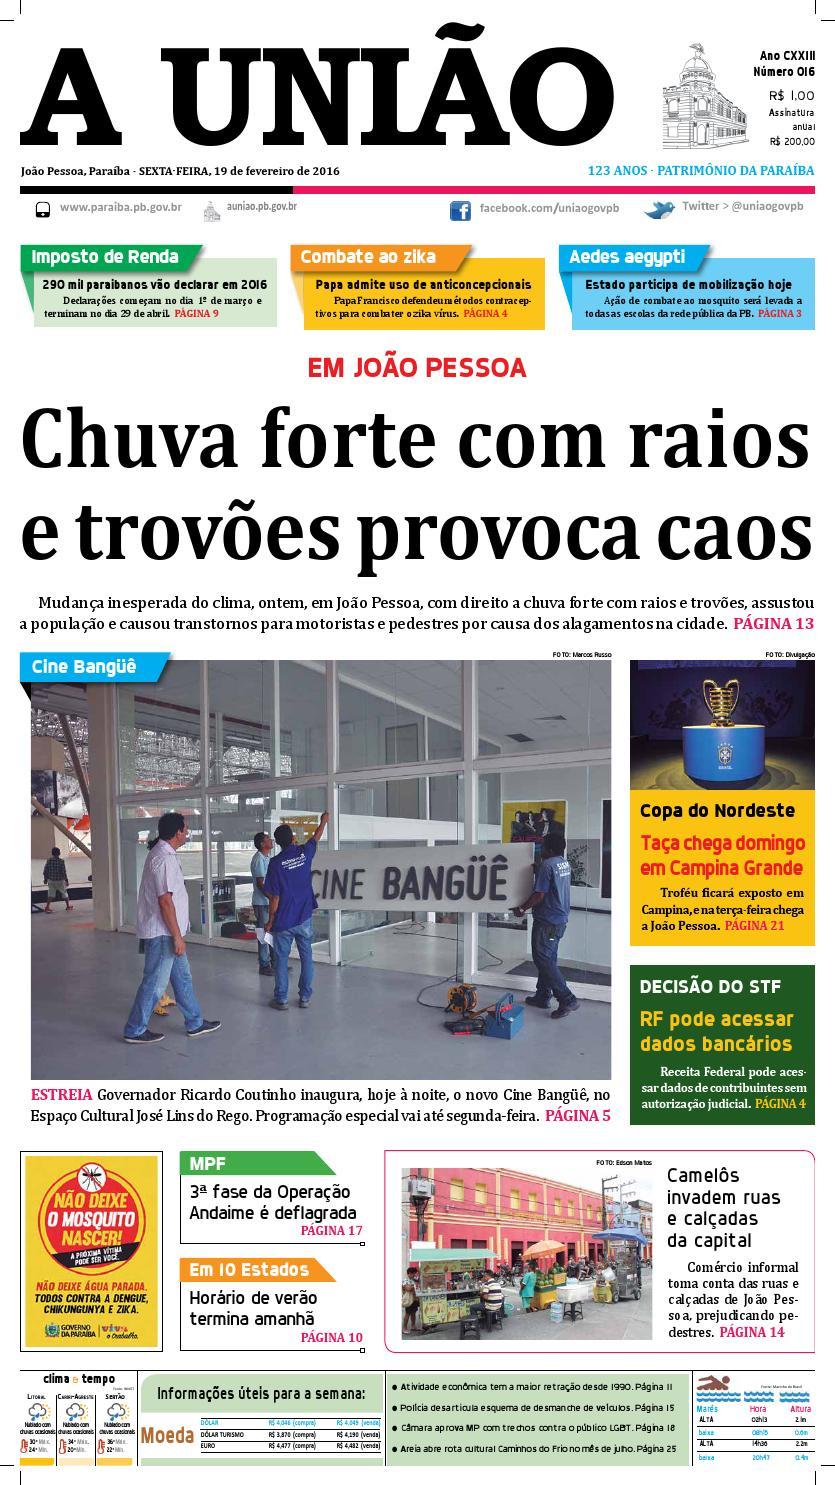 Jornal A União 19 02 16 by Jornal A União - issuu 33d4c9ee404